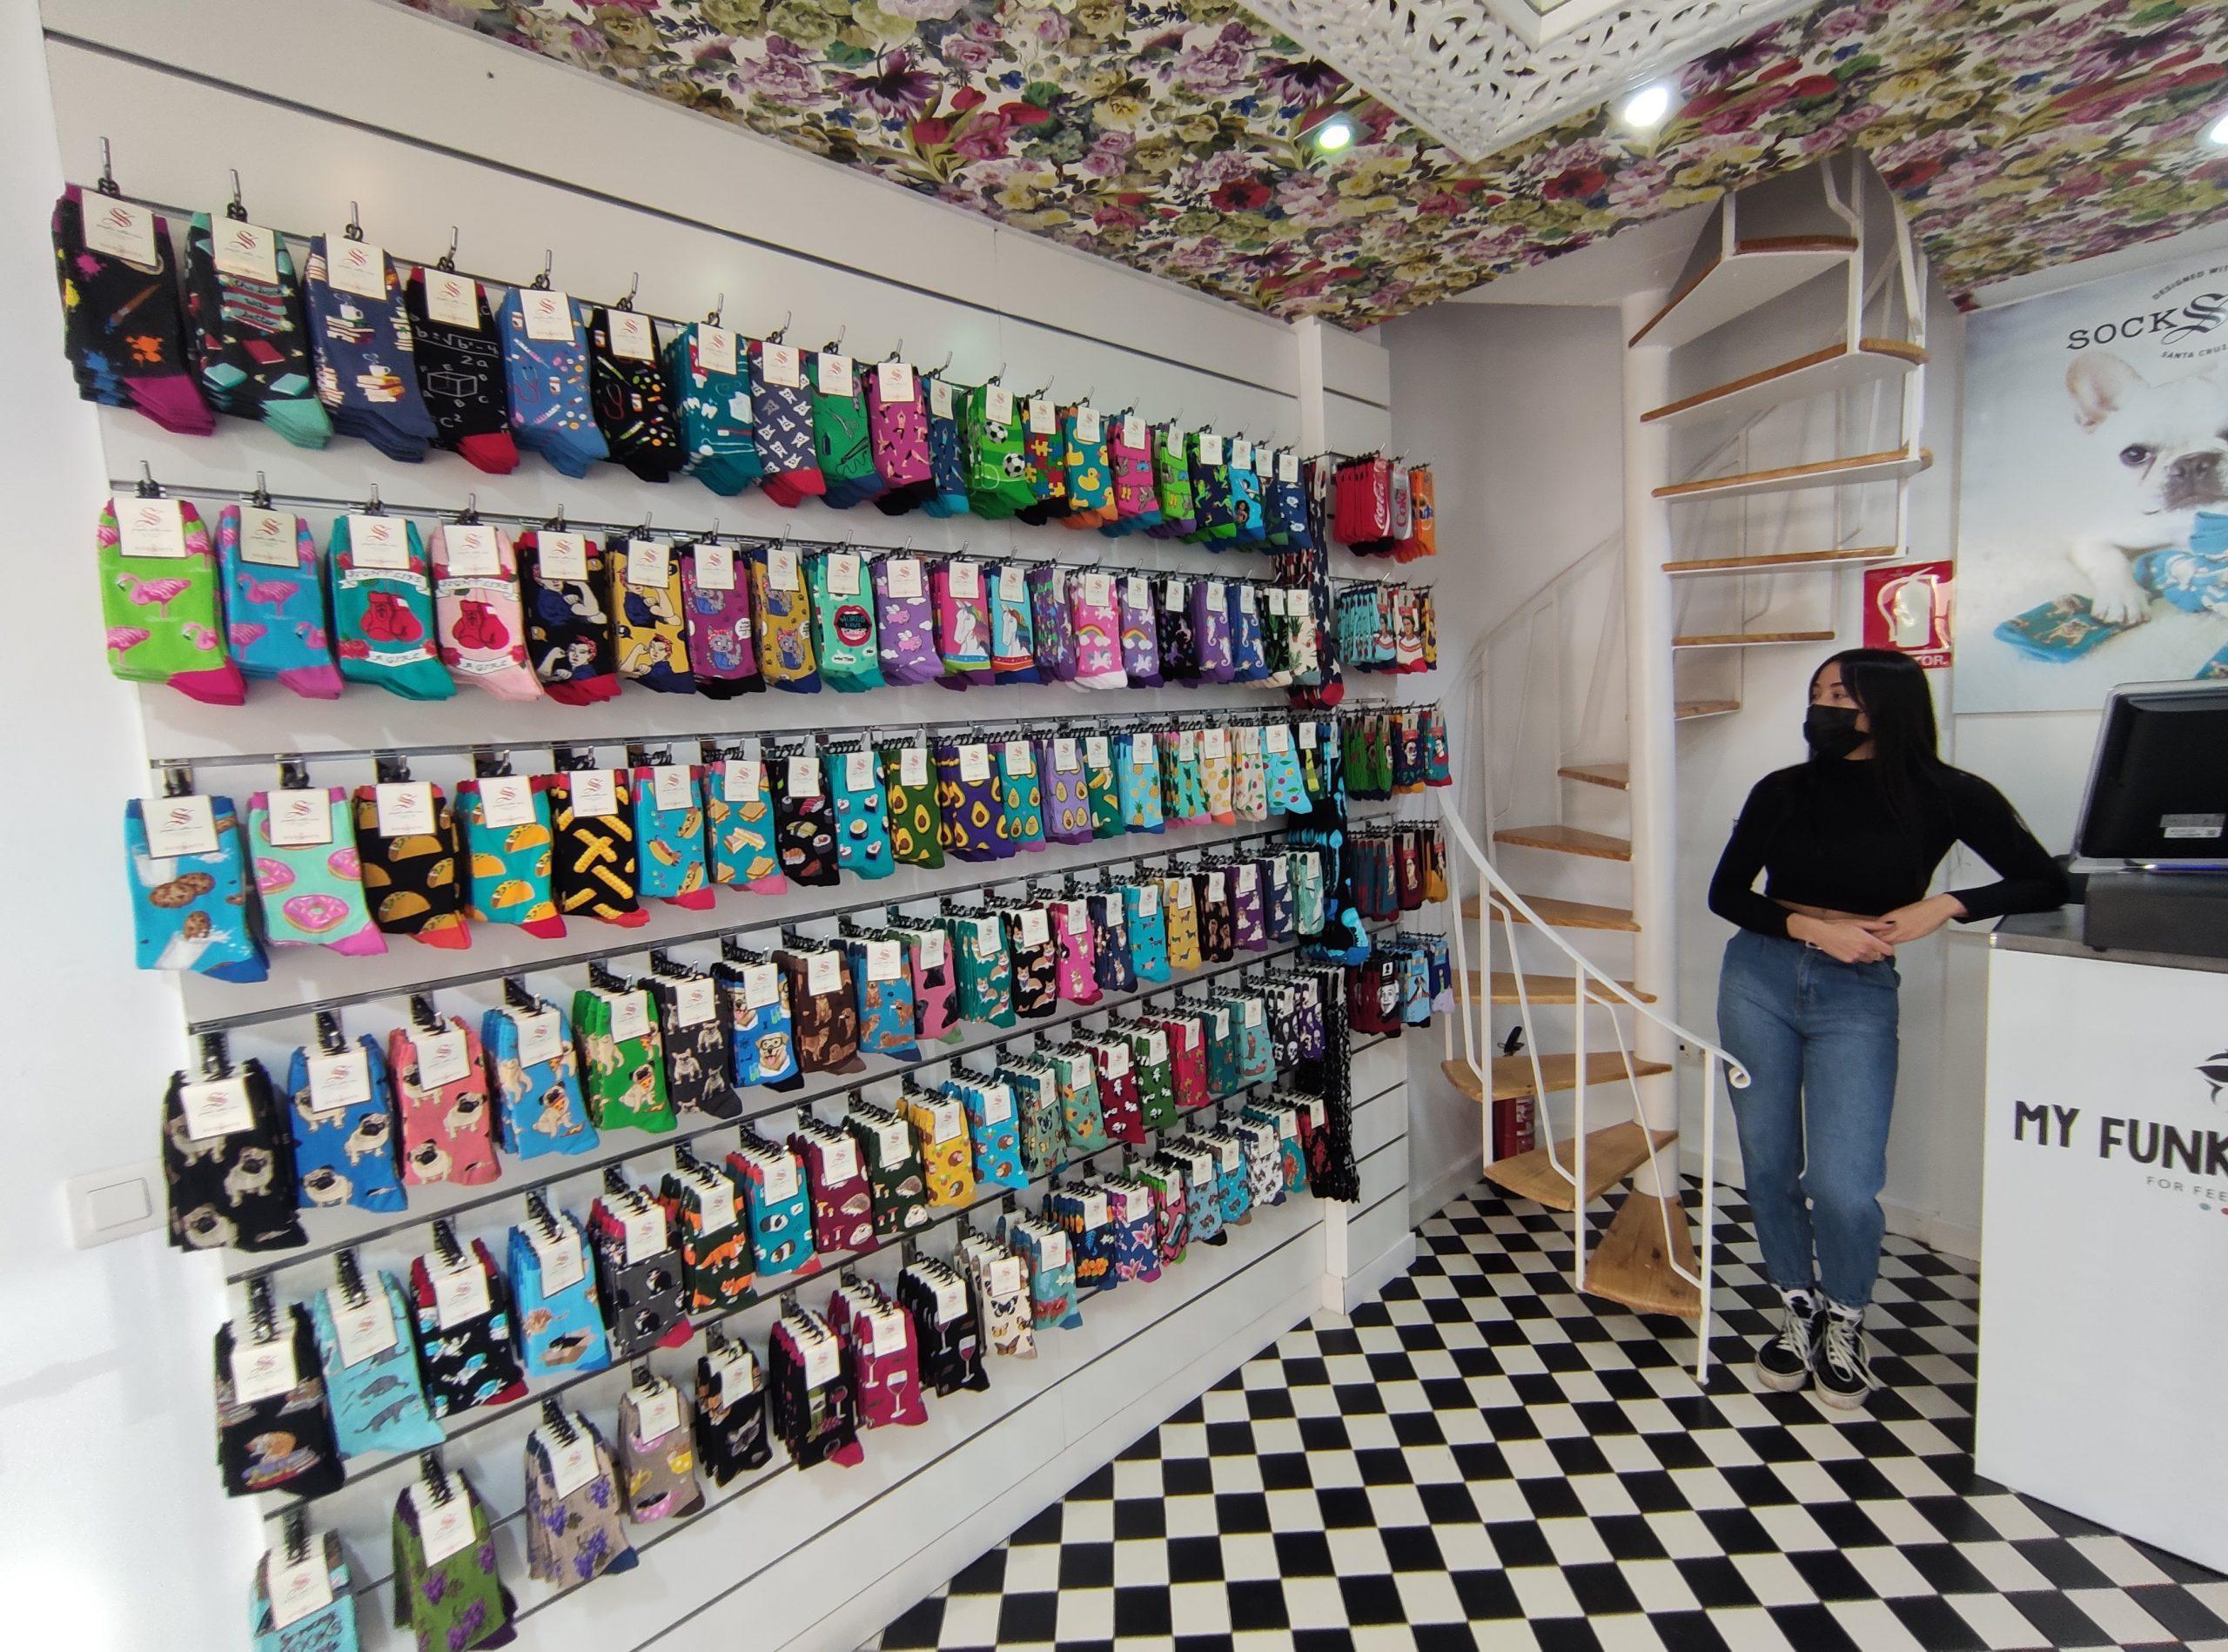 Ponferrada entra de lleno en el Black Friday y el centro recibe a 'My Funky Socks' una desenfadada tienda de calcetines 14